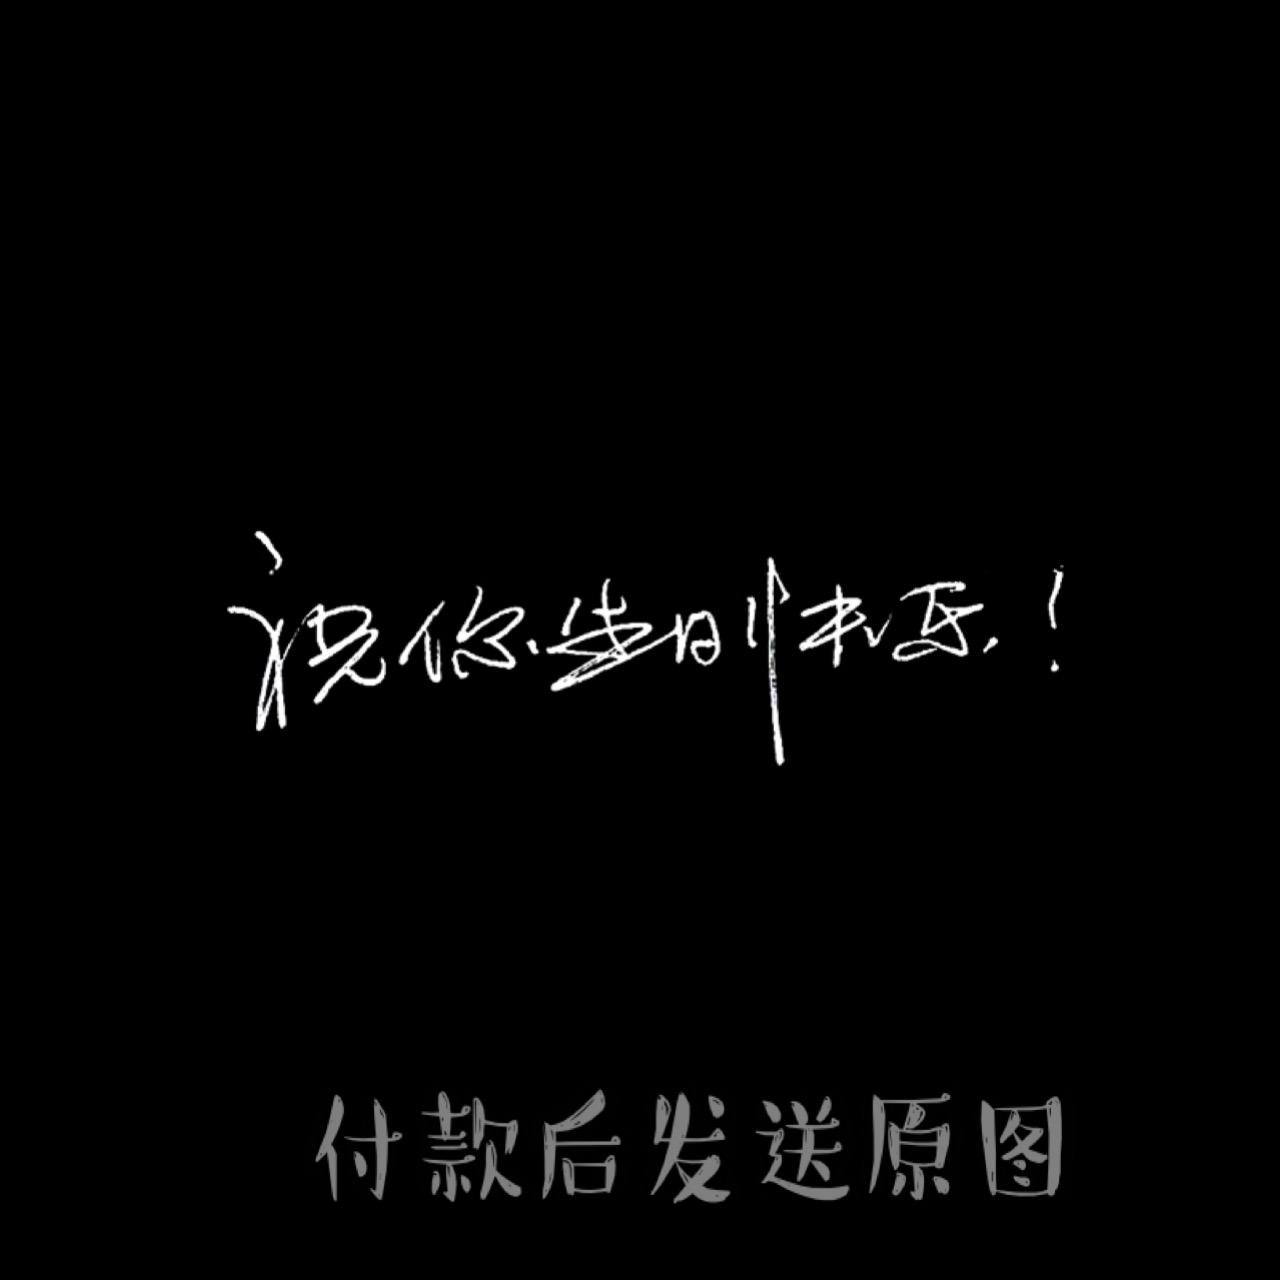 [个性手写手机壁纸手机背景 手写生日祝福 【祝你生日快乐】]